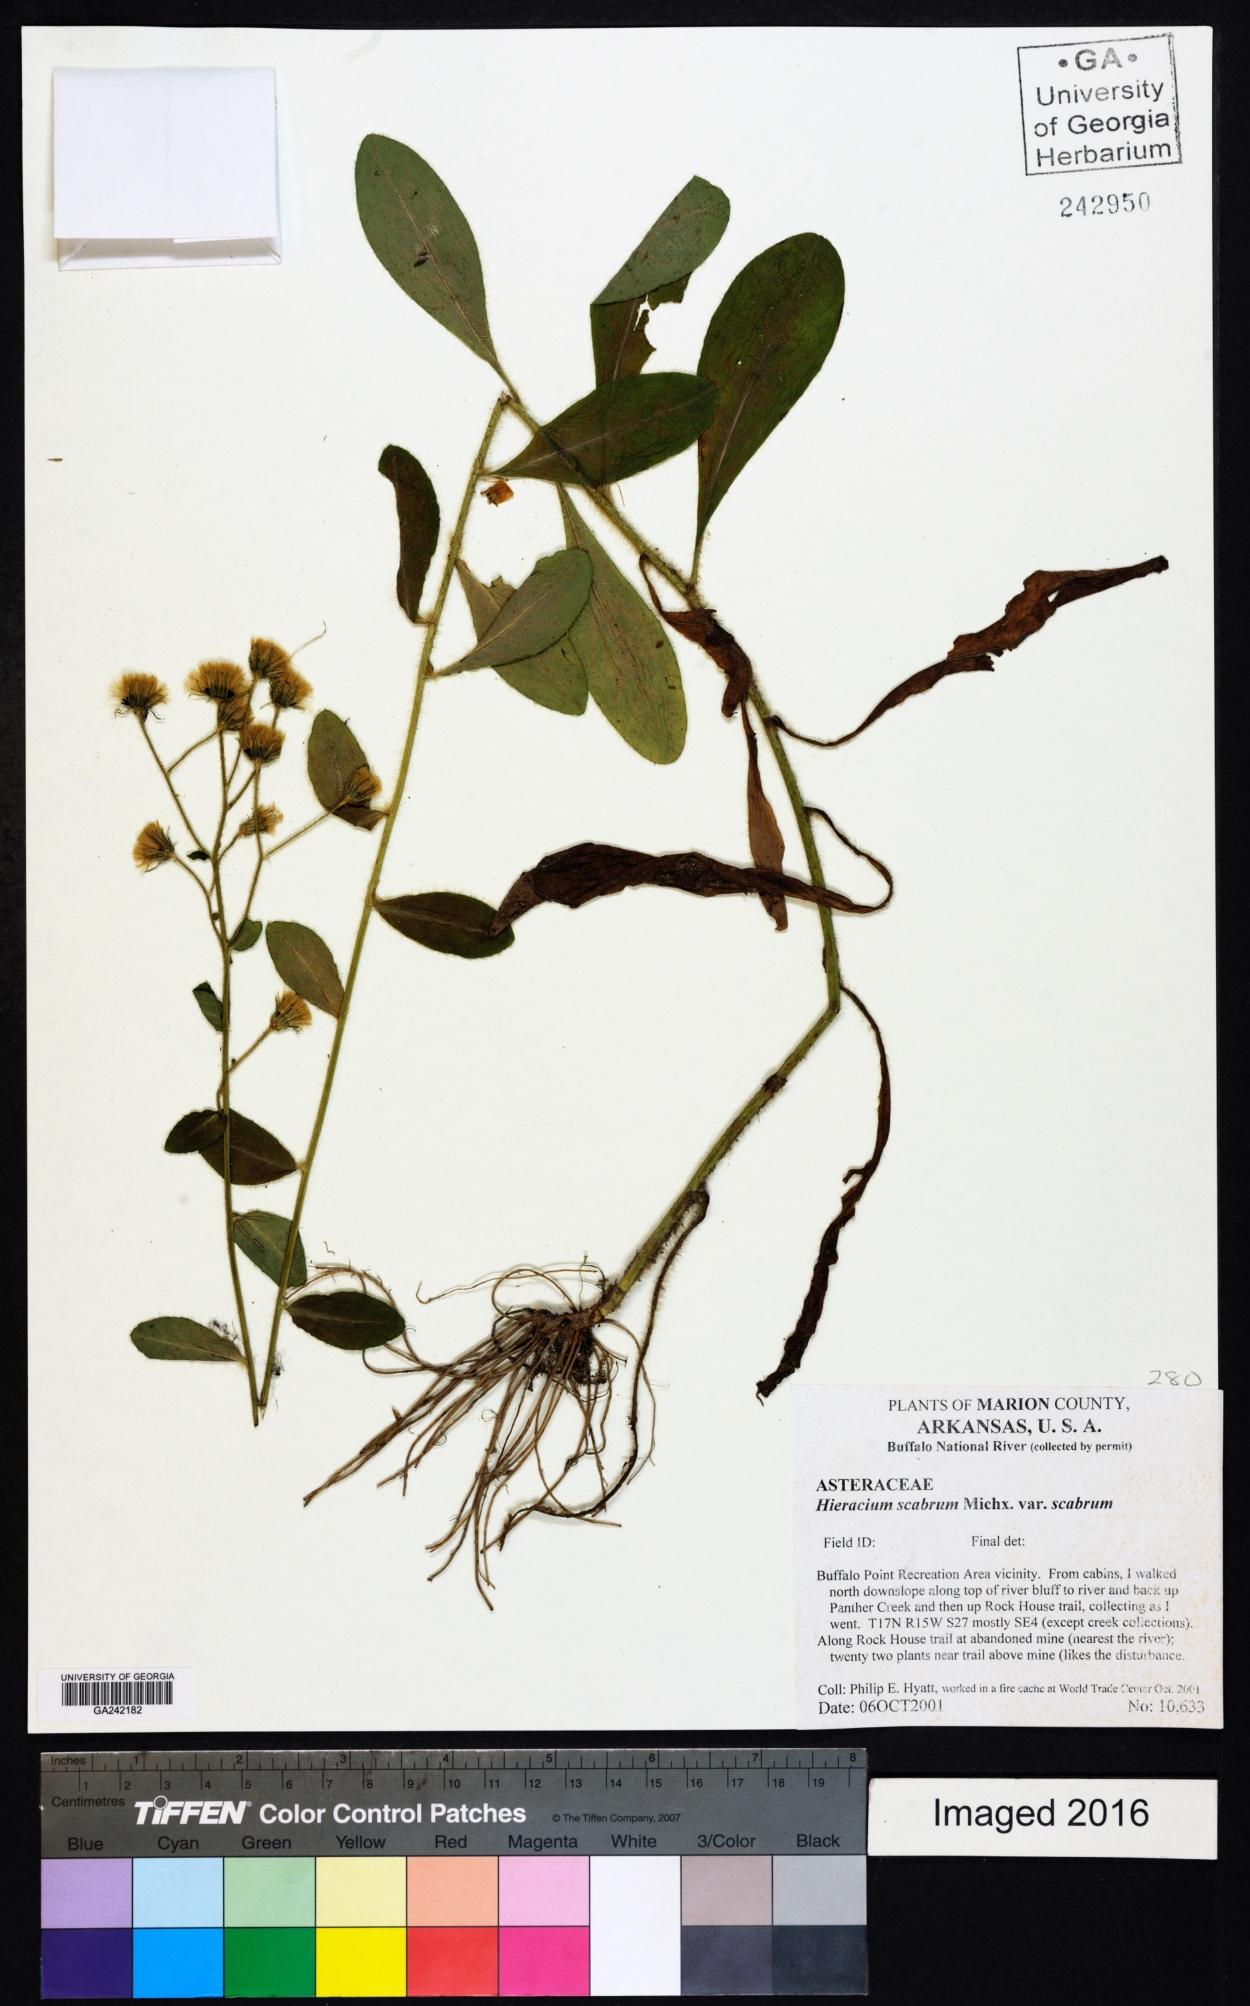 Hieracium scabrum var. scabrum image